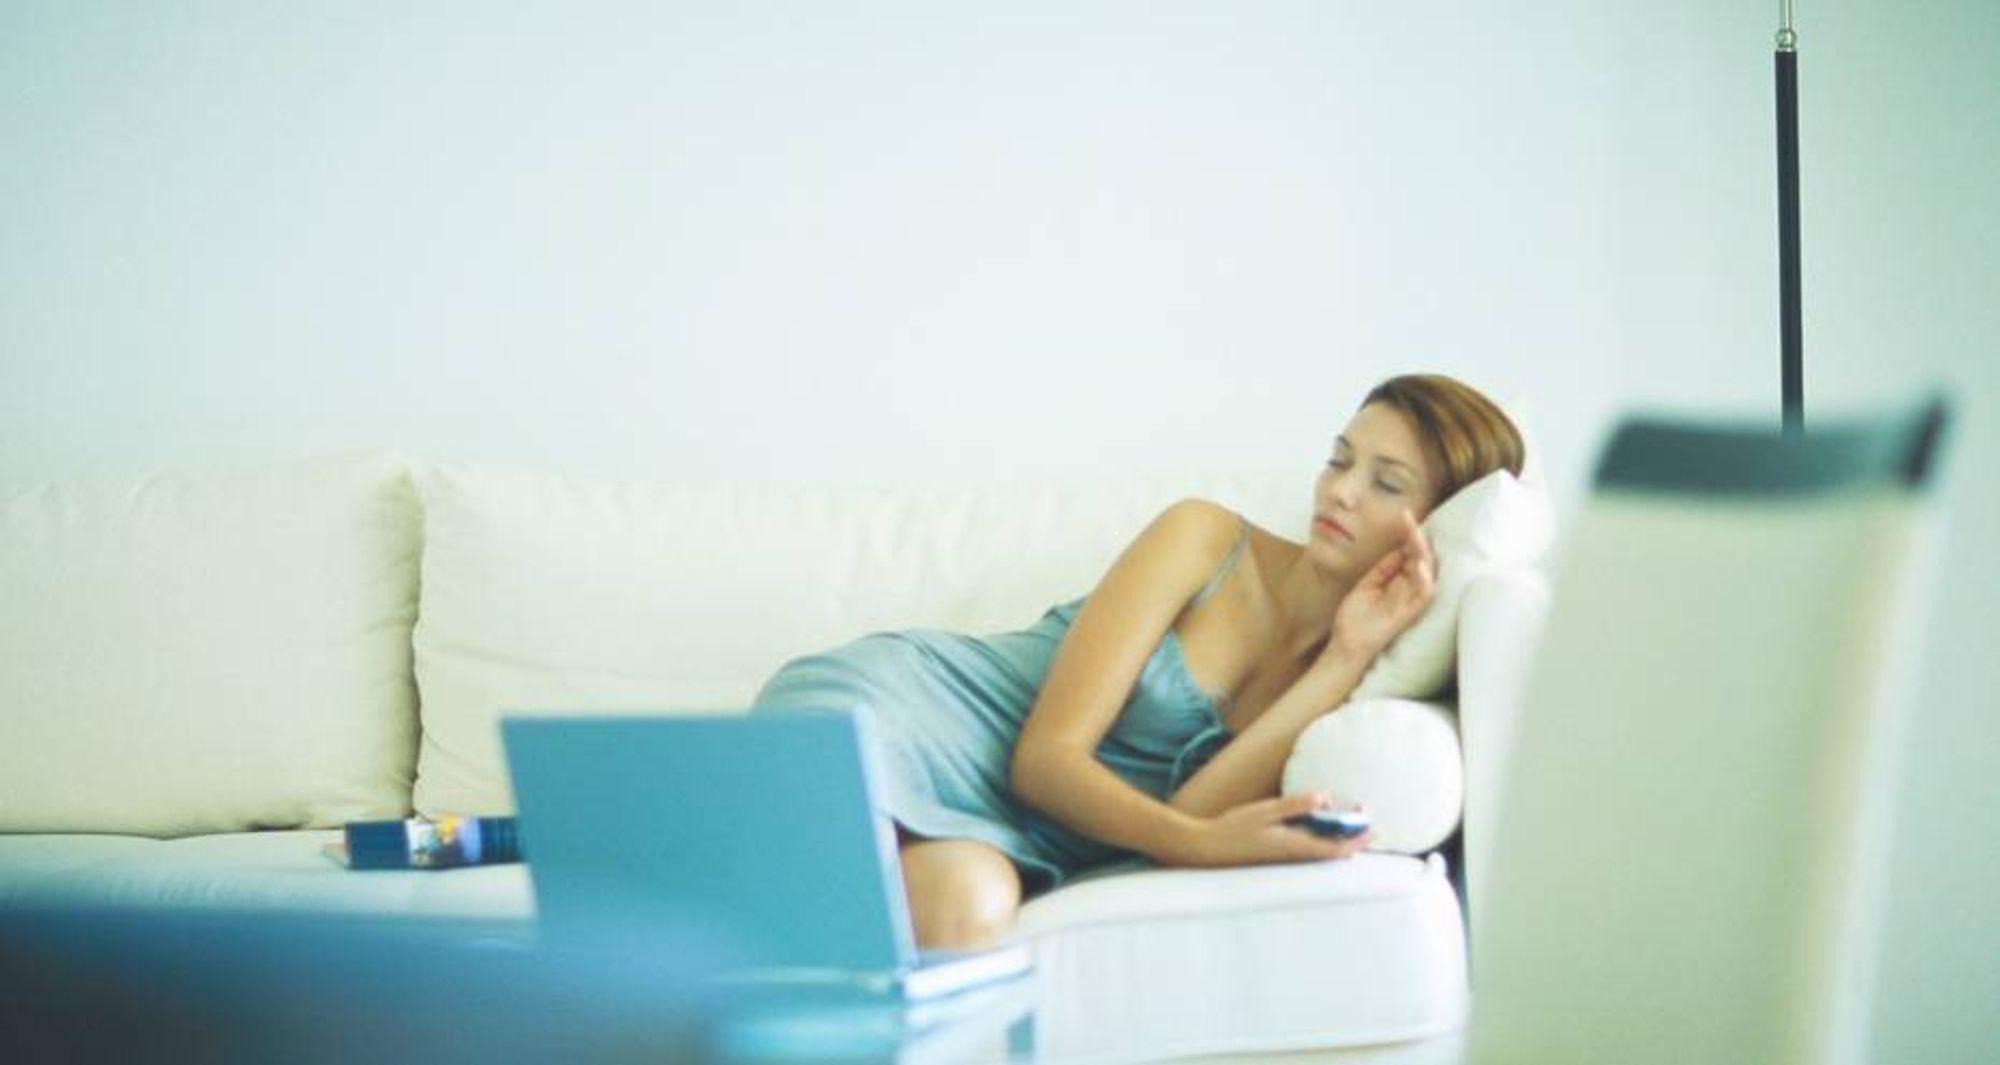 NYTT: Er hjemmejobbere late?